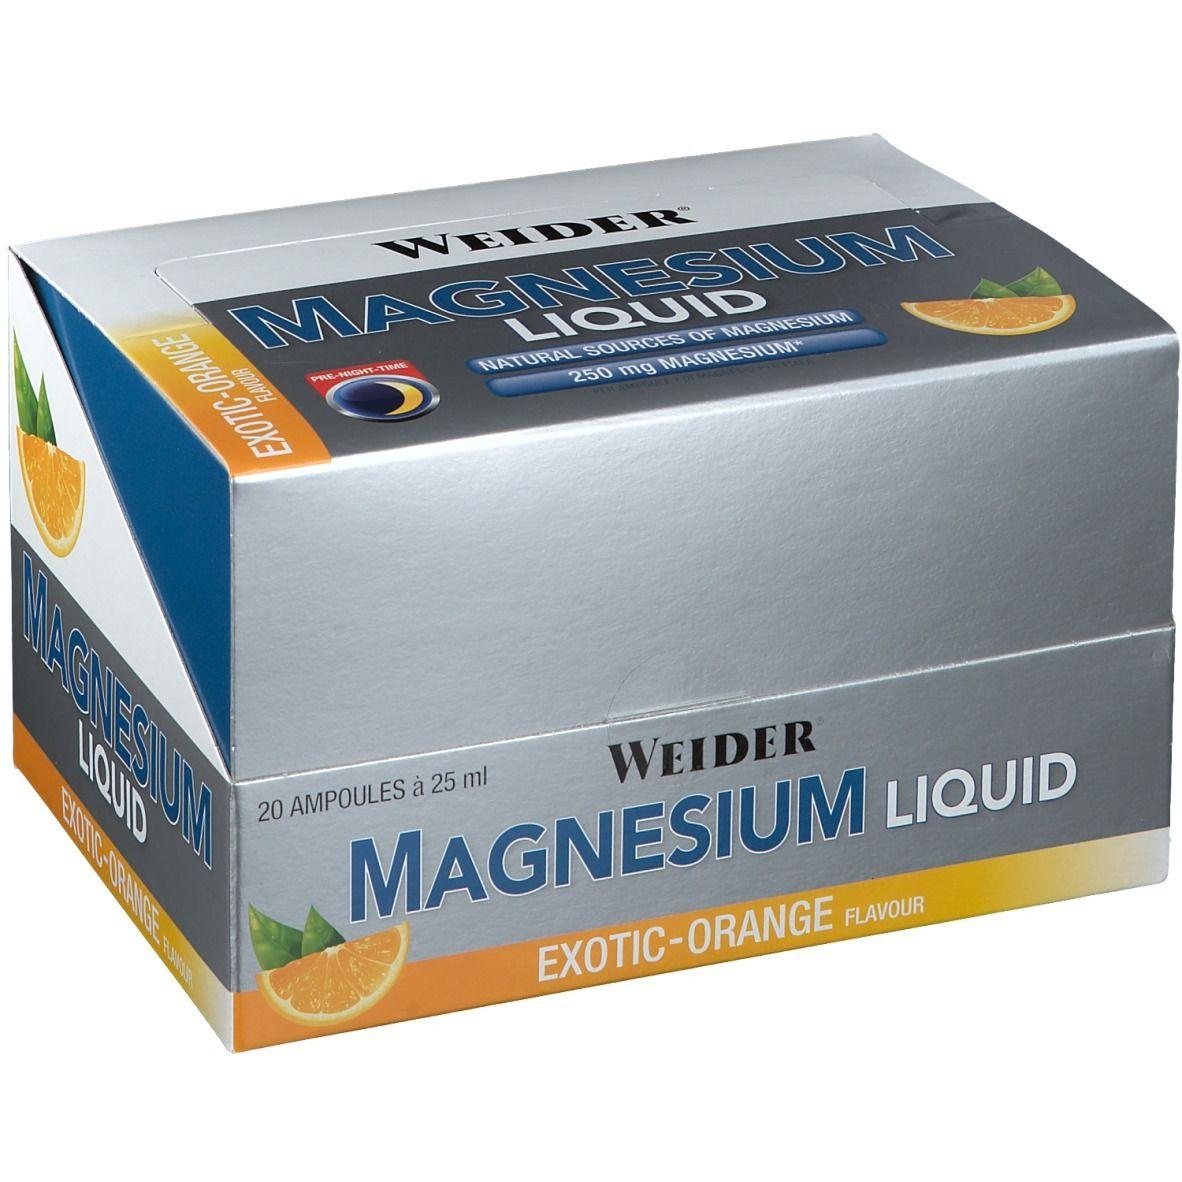 Image of AmosVital® Magnesium Liquid 250 mg Exotic-Orange